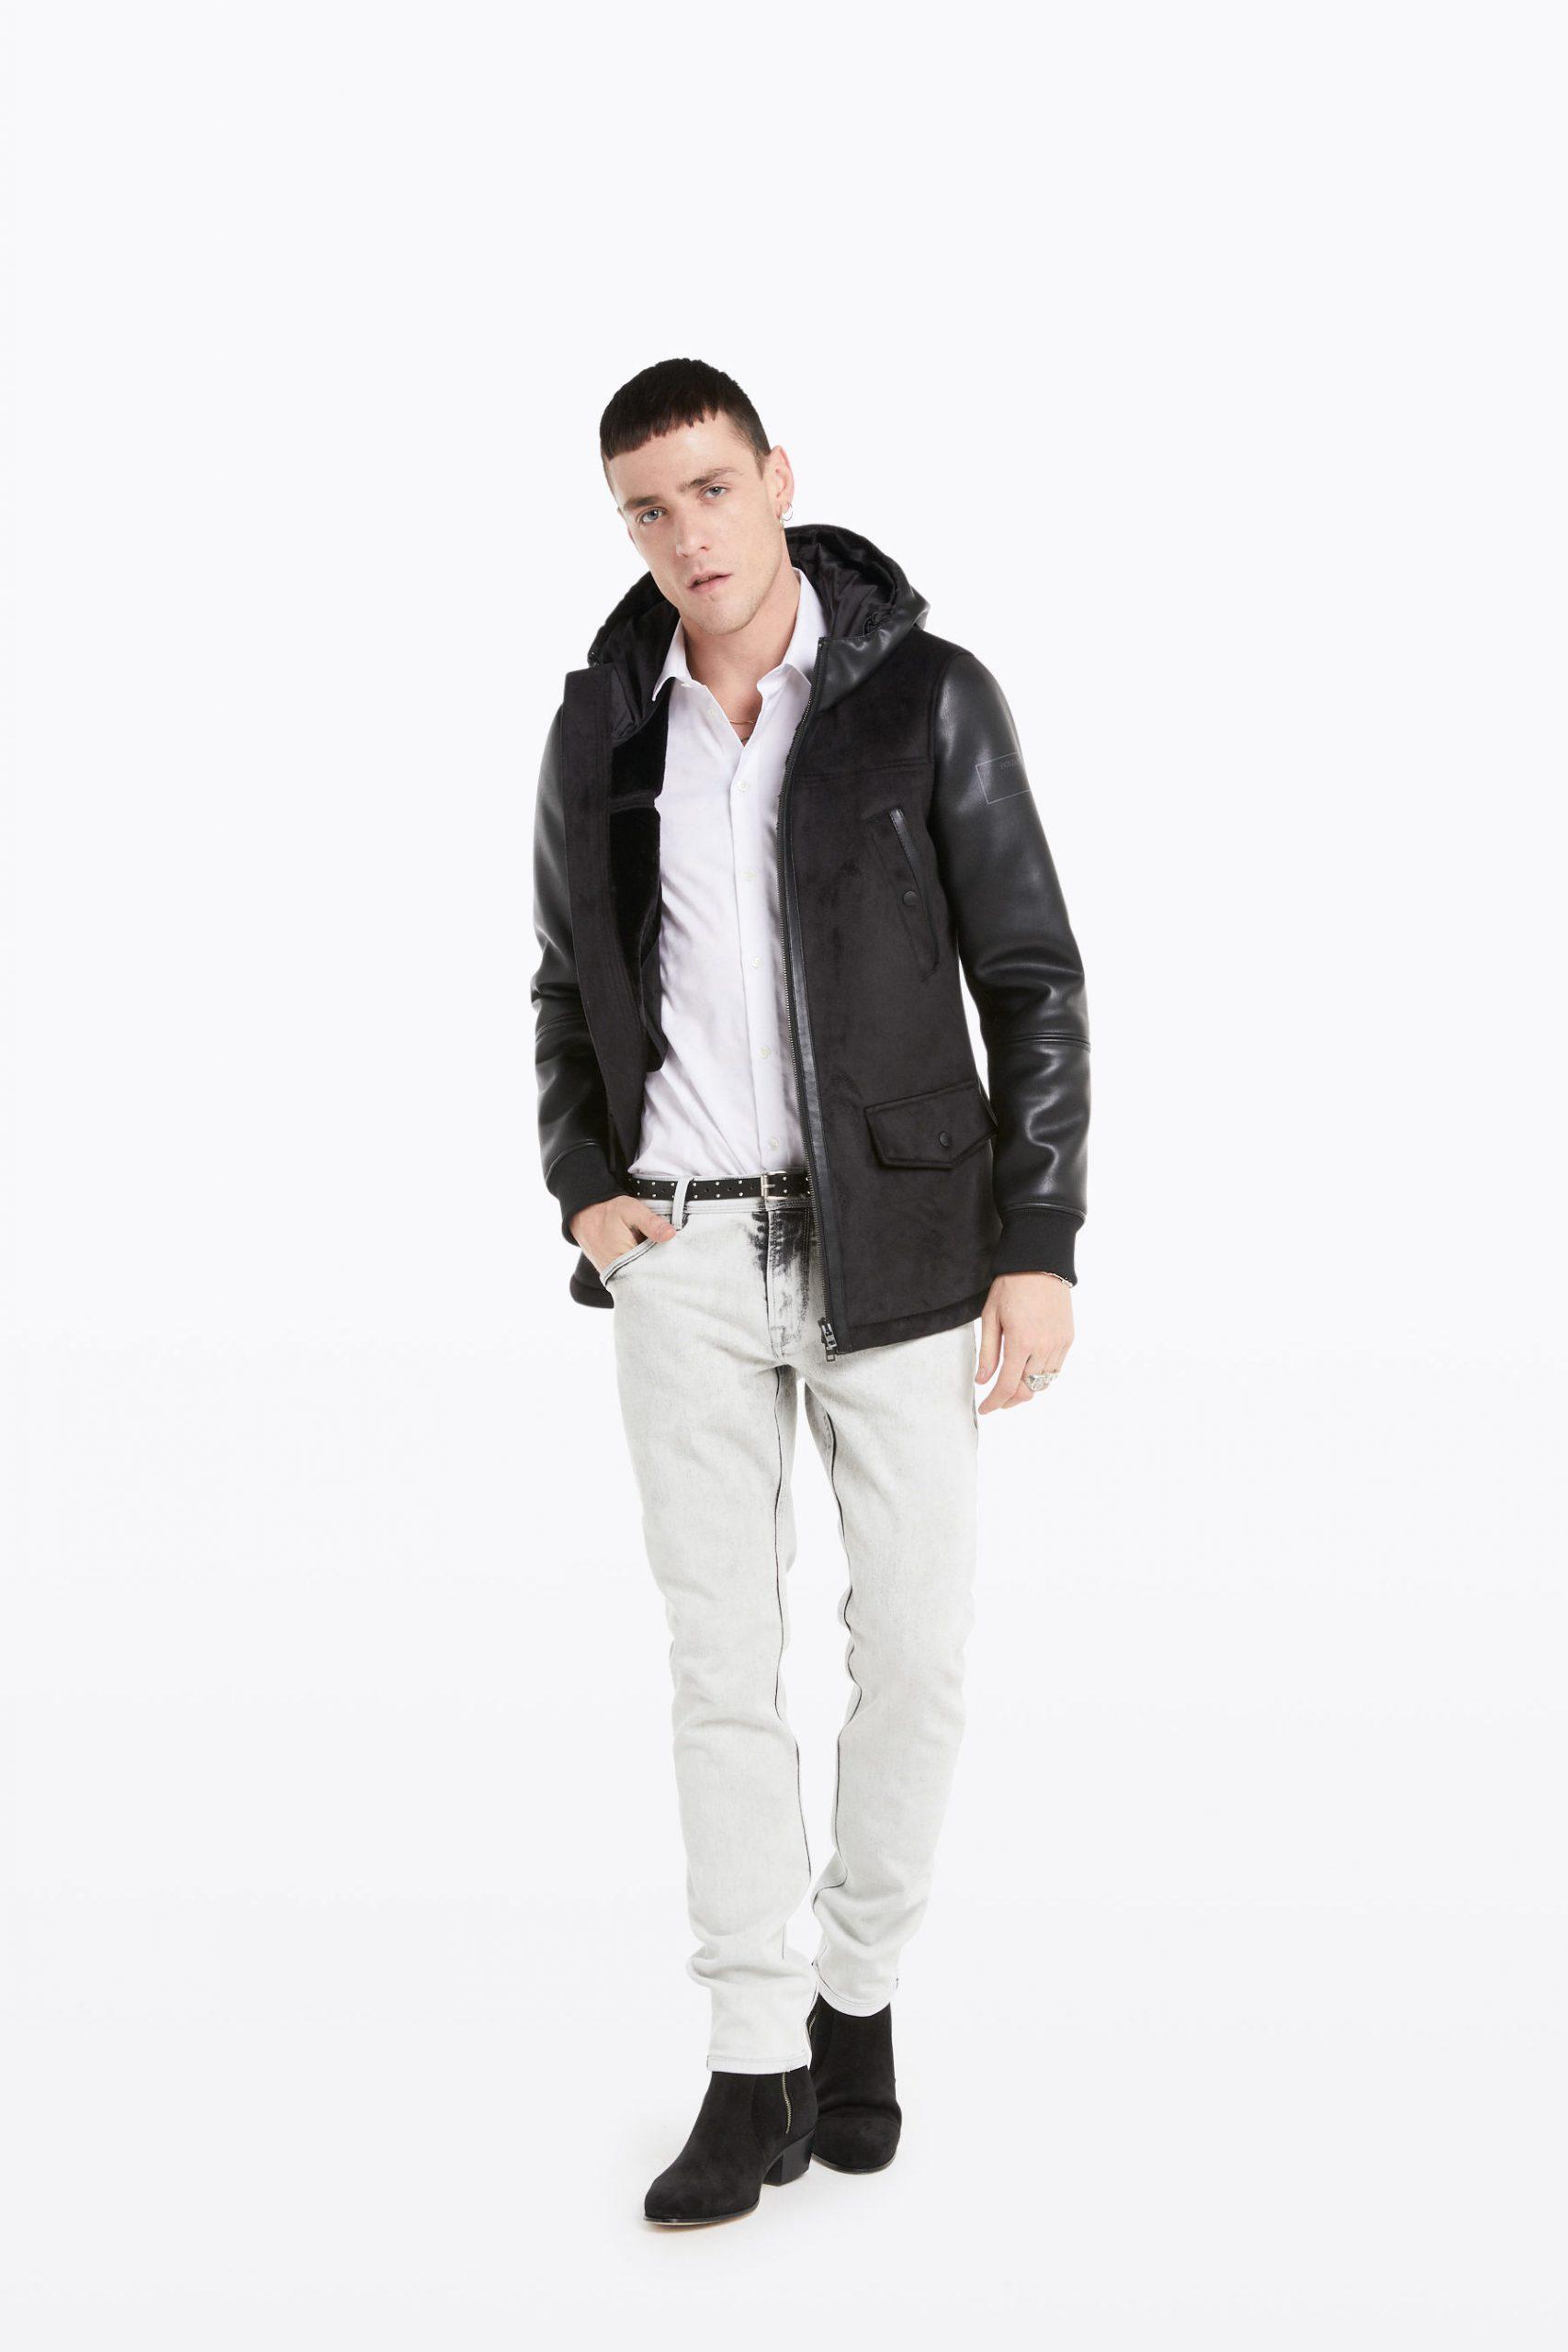 Abbigliamento Patrizia Pepe  Cappotto Montgomery NeroCamelia Rose male collezione 2020 shop the look